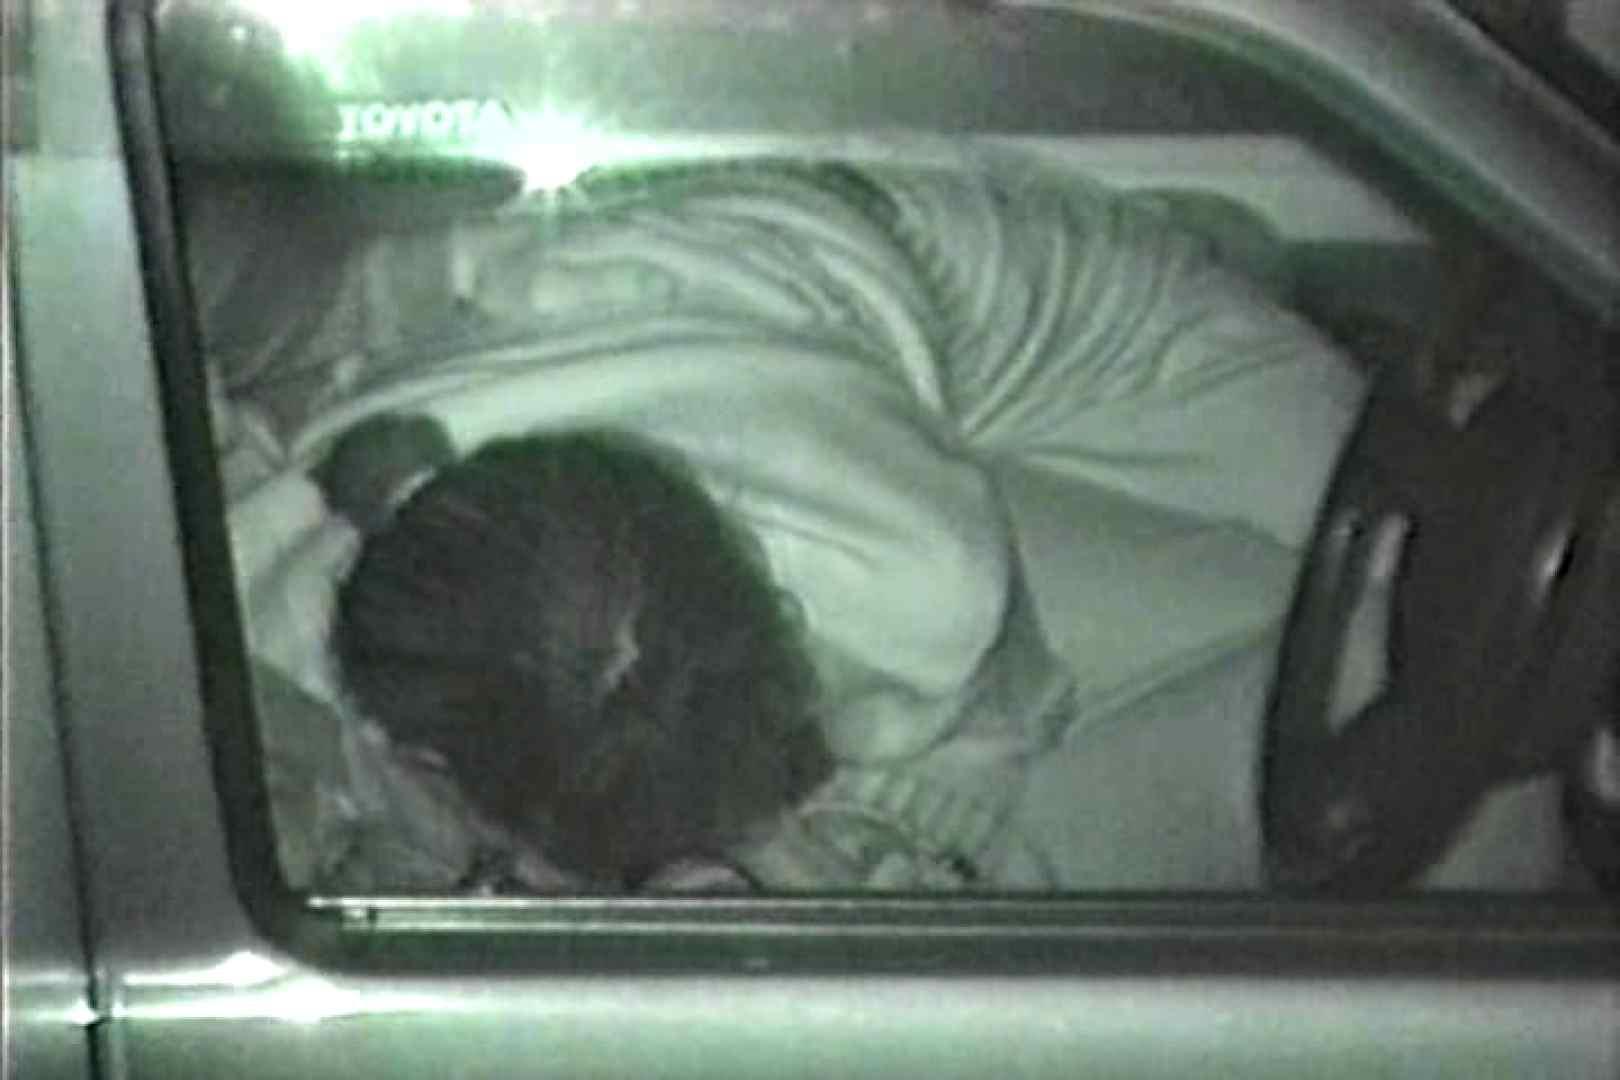 車の中はラブホテル 無修正版  Vol.7 車 おめこ無修正動画無料 81pic 32